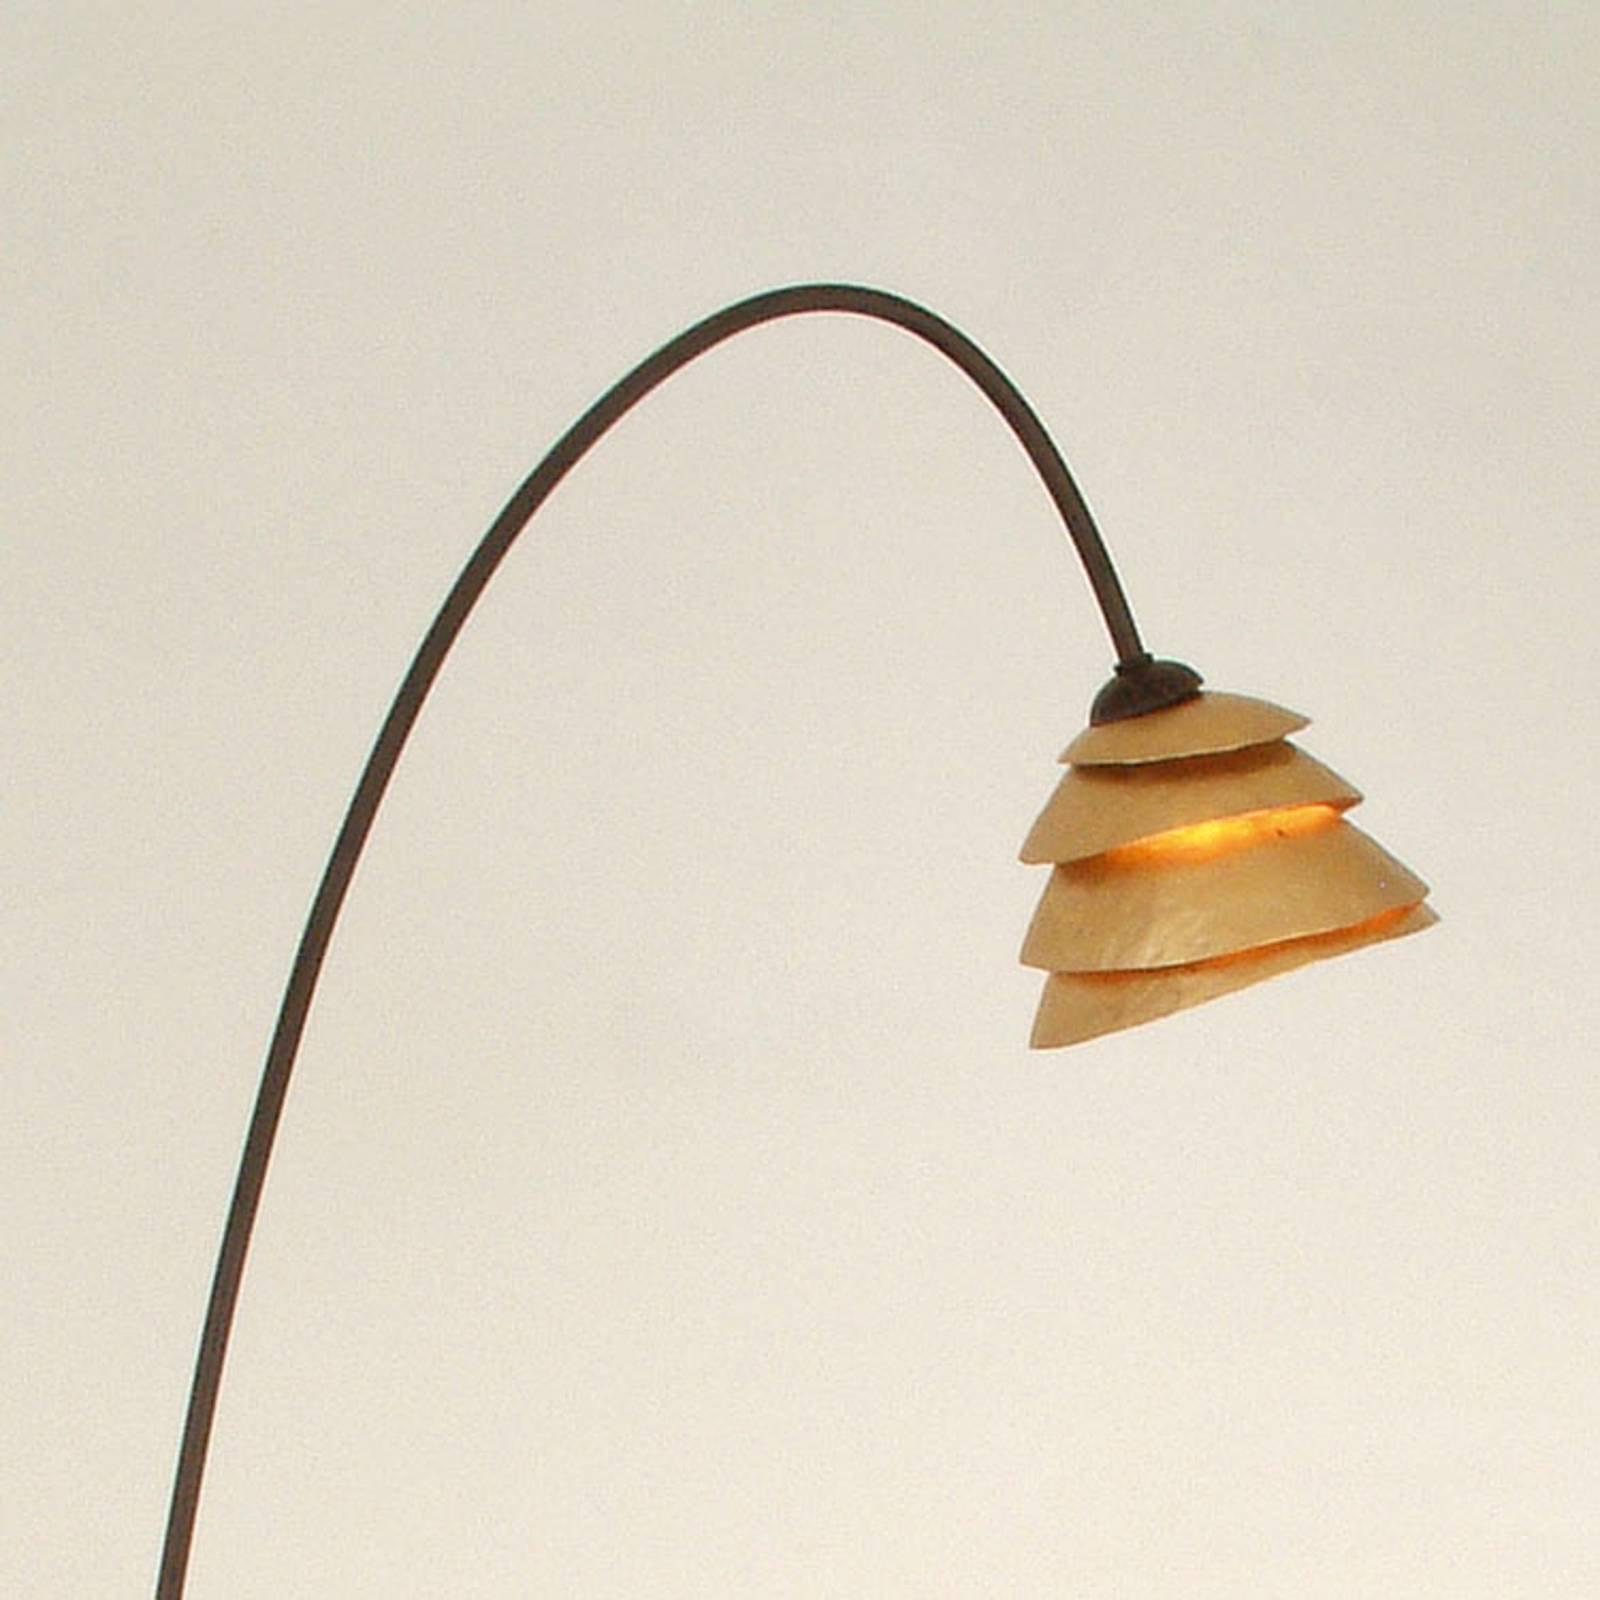 Grasiøs SNAIL stålampe med 1 lys, jern brun gull